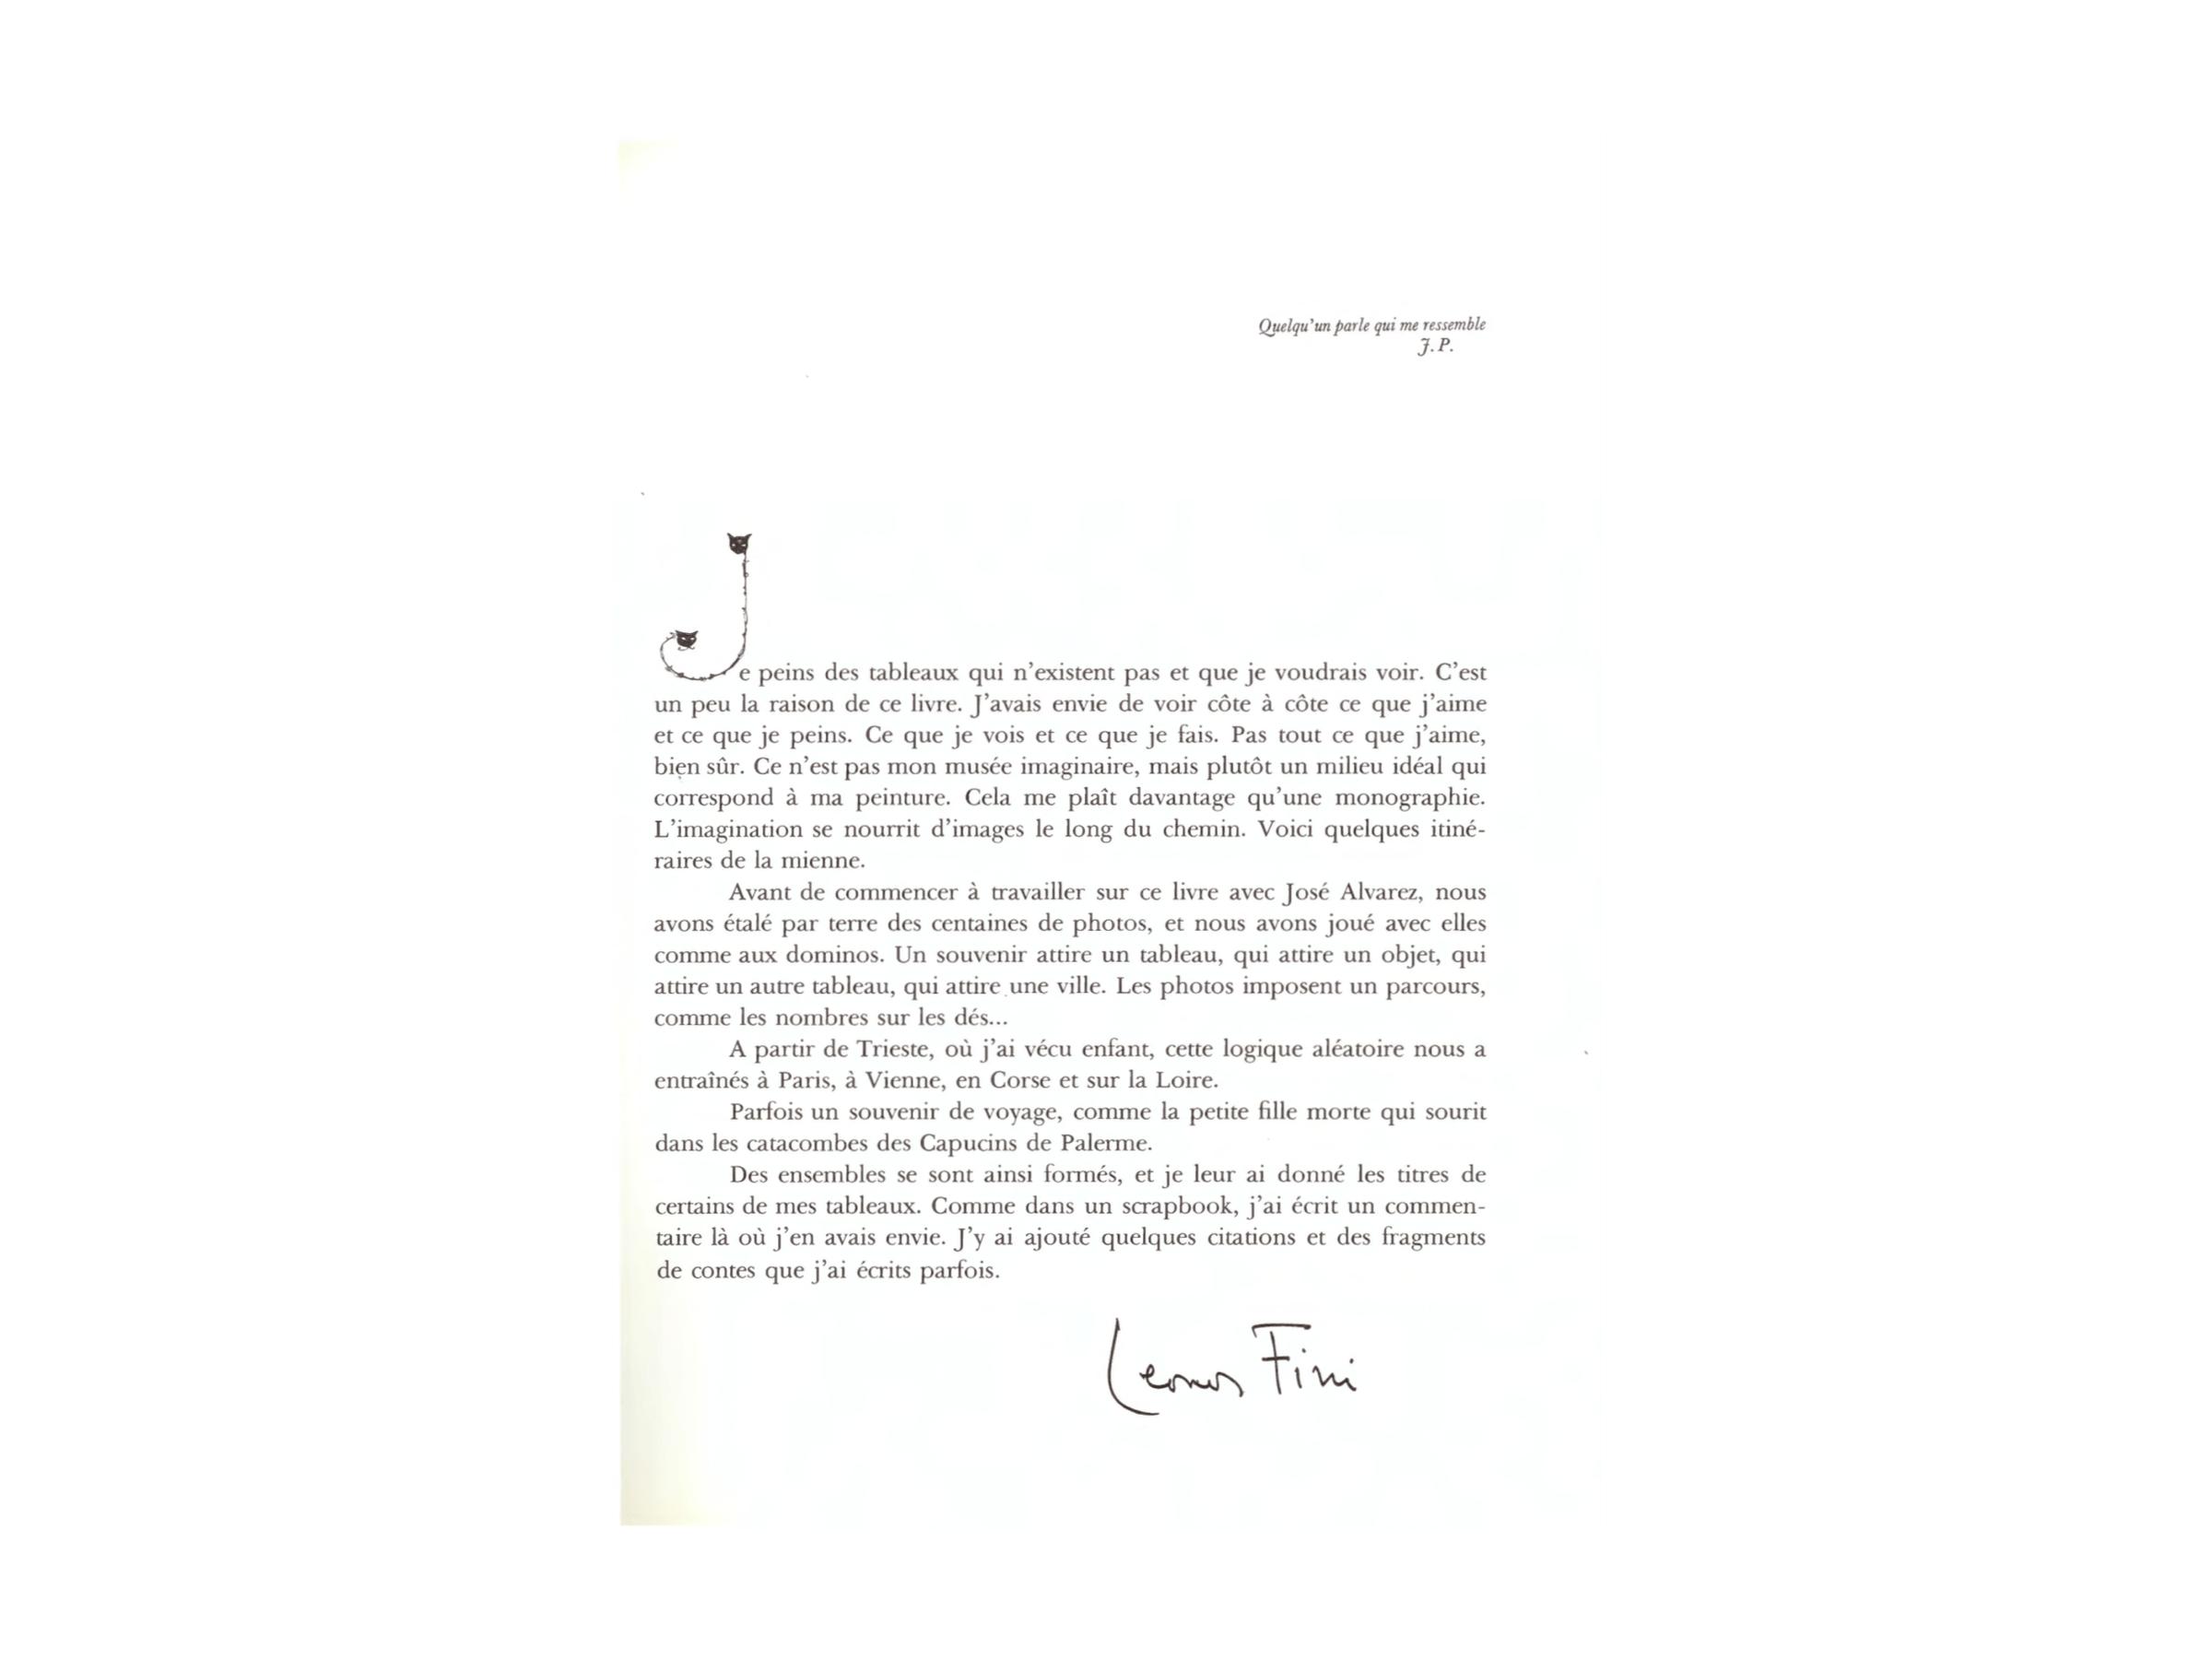 Carrousel-3-le-livre-de-leonor-fini-t